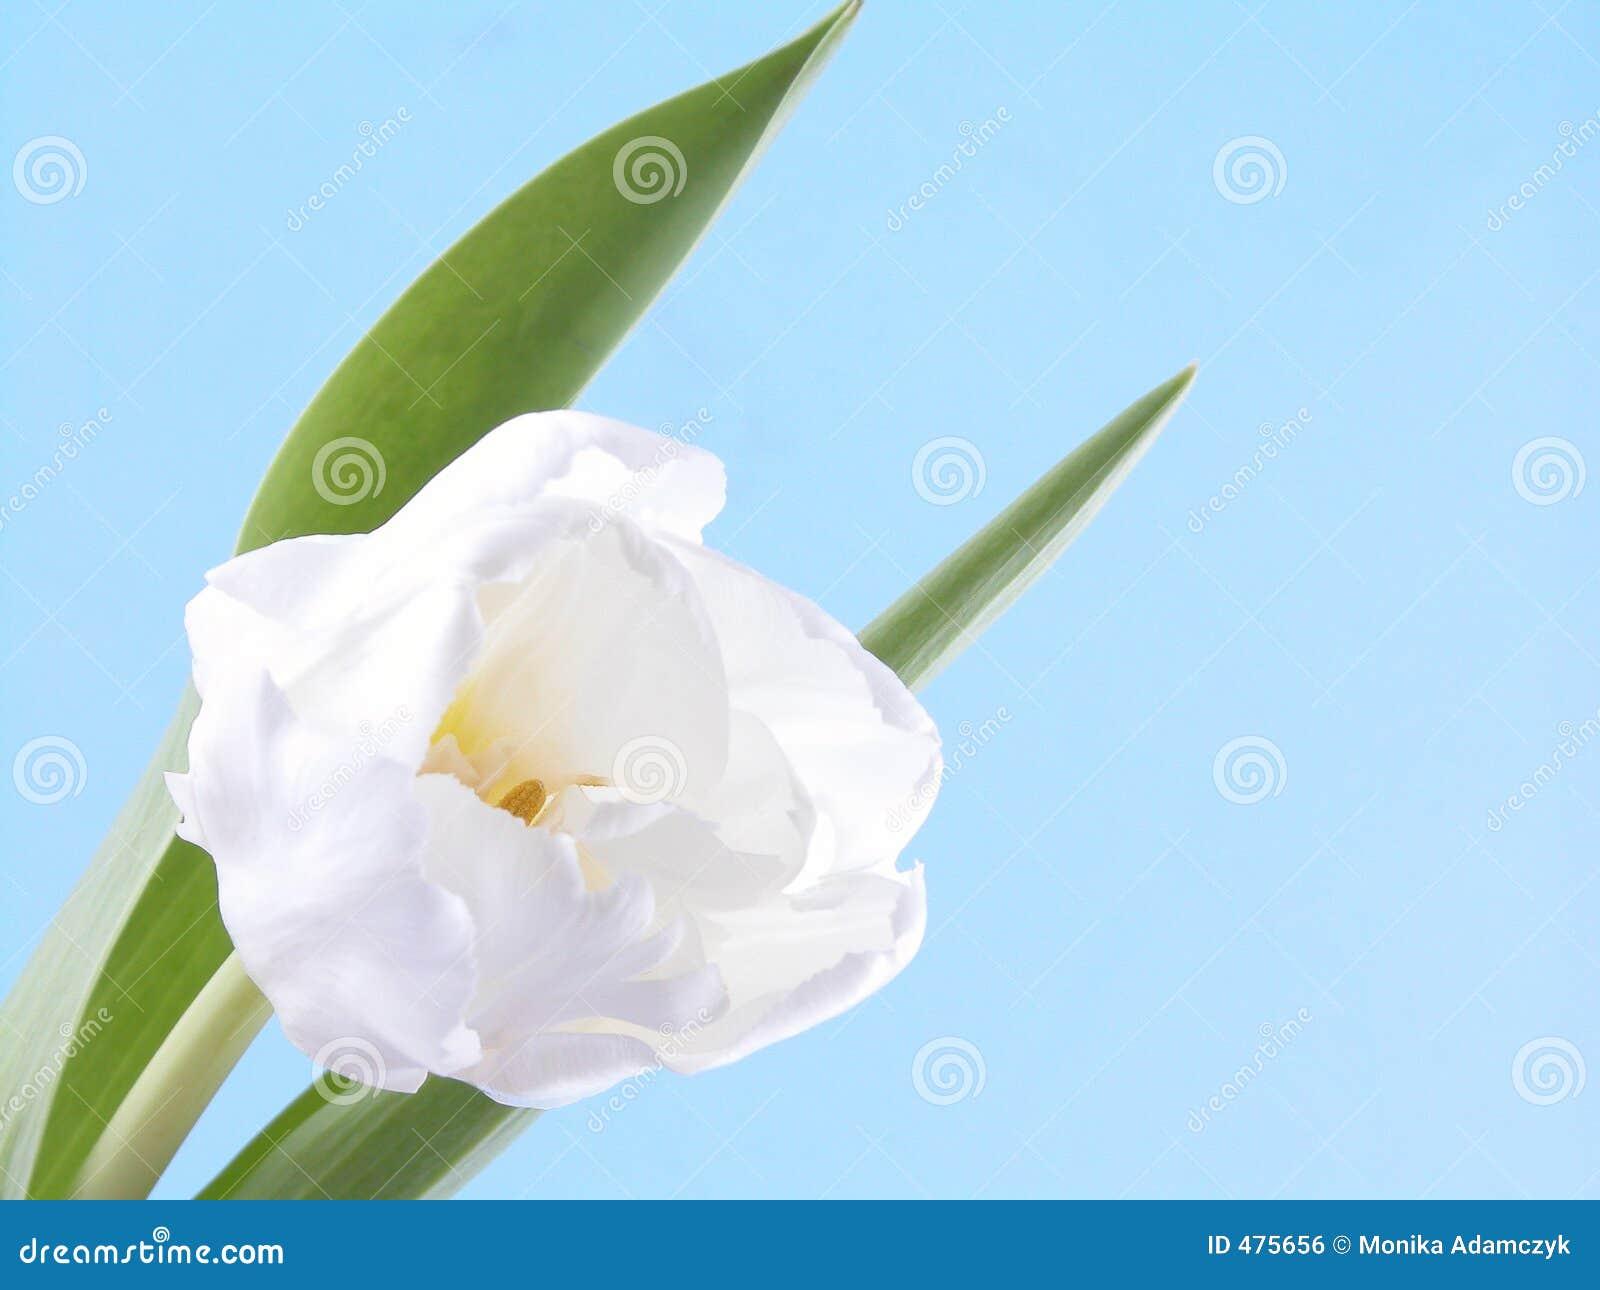 Blanc, beauté de source